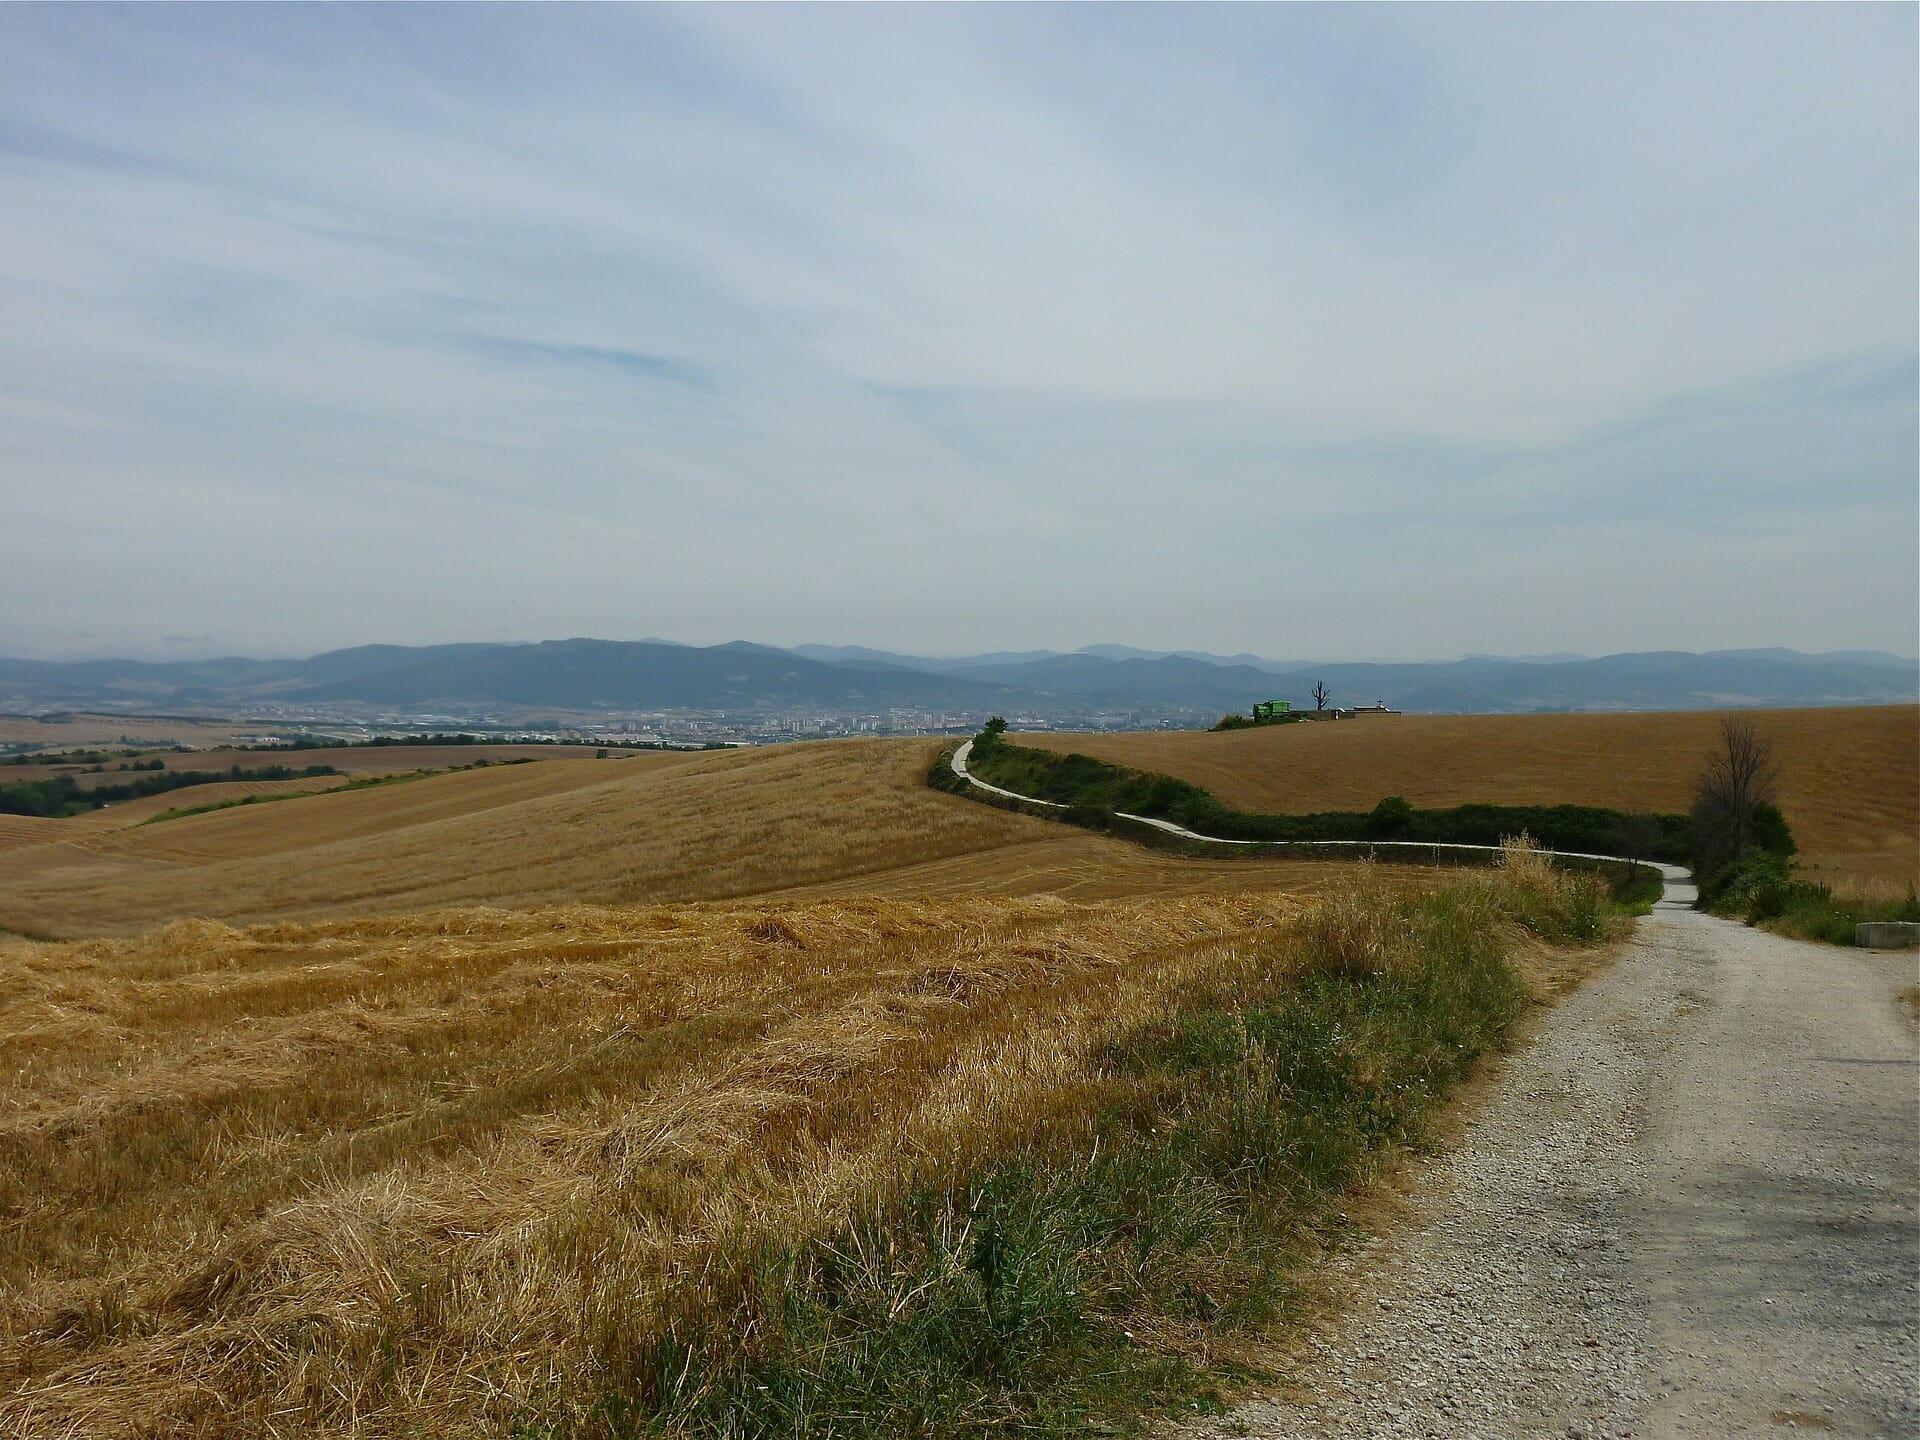 Randonnée Facile De 13 Jours Sur Le Chemin De Compostelle à Randonnée Chemin De Compostelle